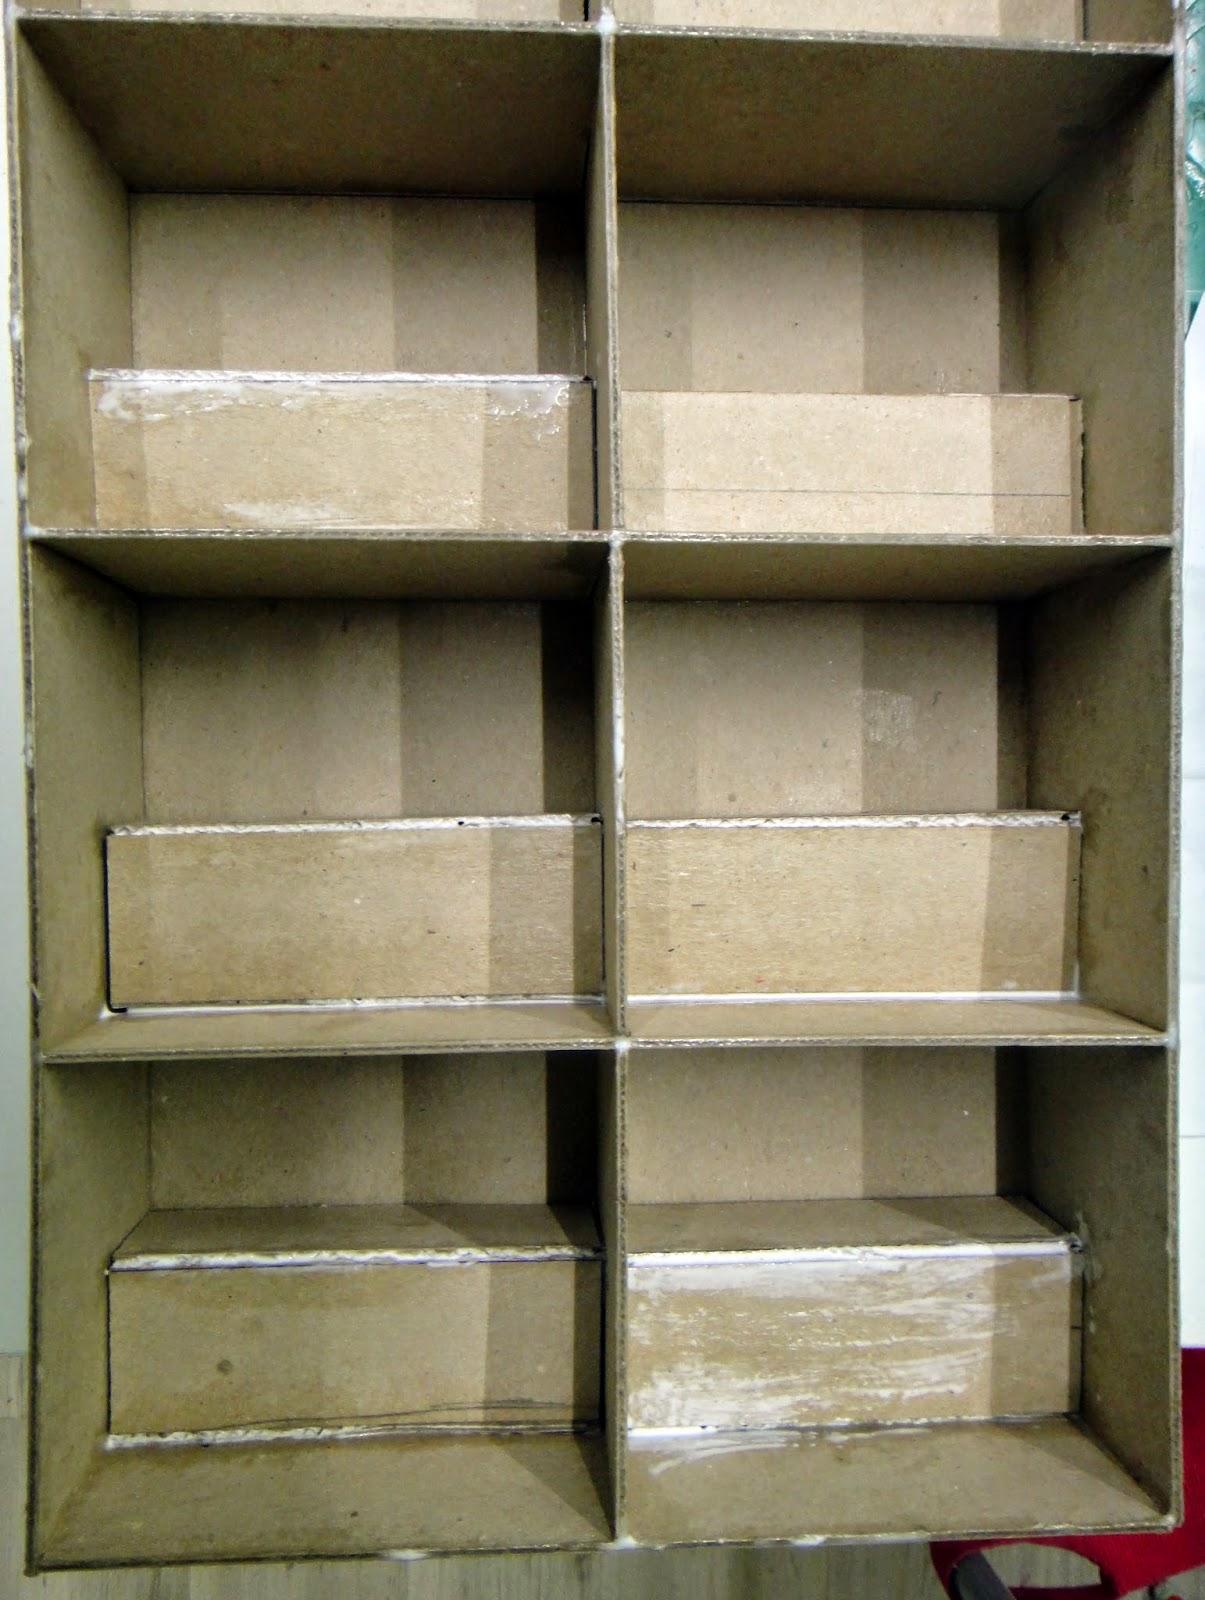 Misue o manualidades estanter a de cart n reciclado diy para miniaturas de fimo - Estanteria carton ...